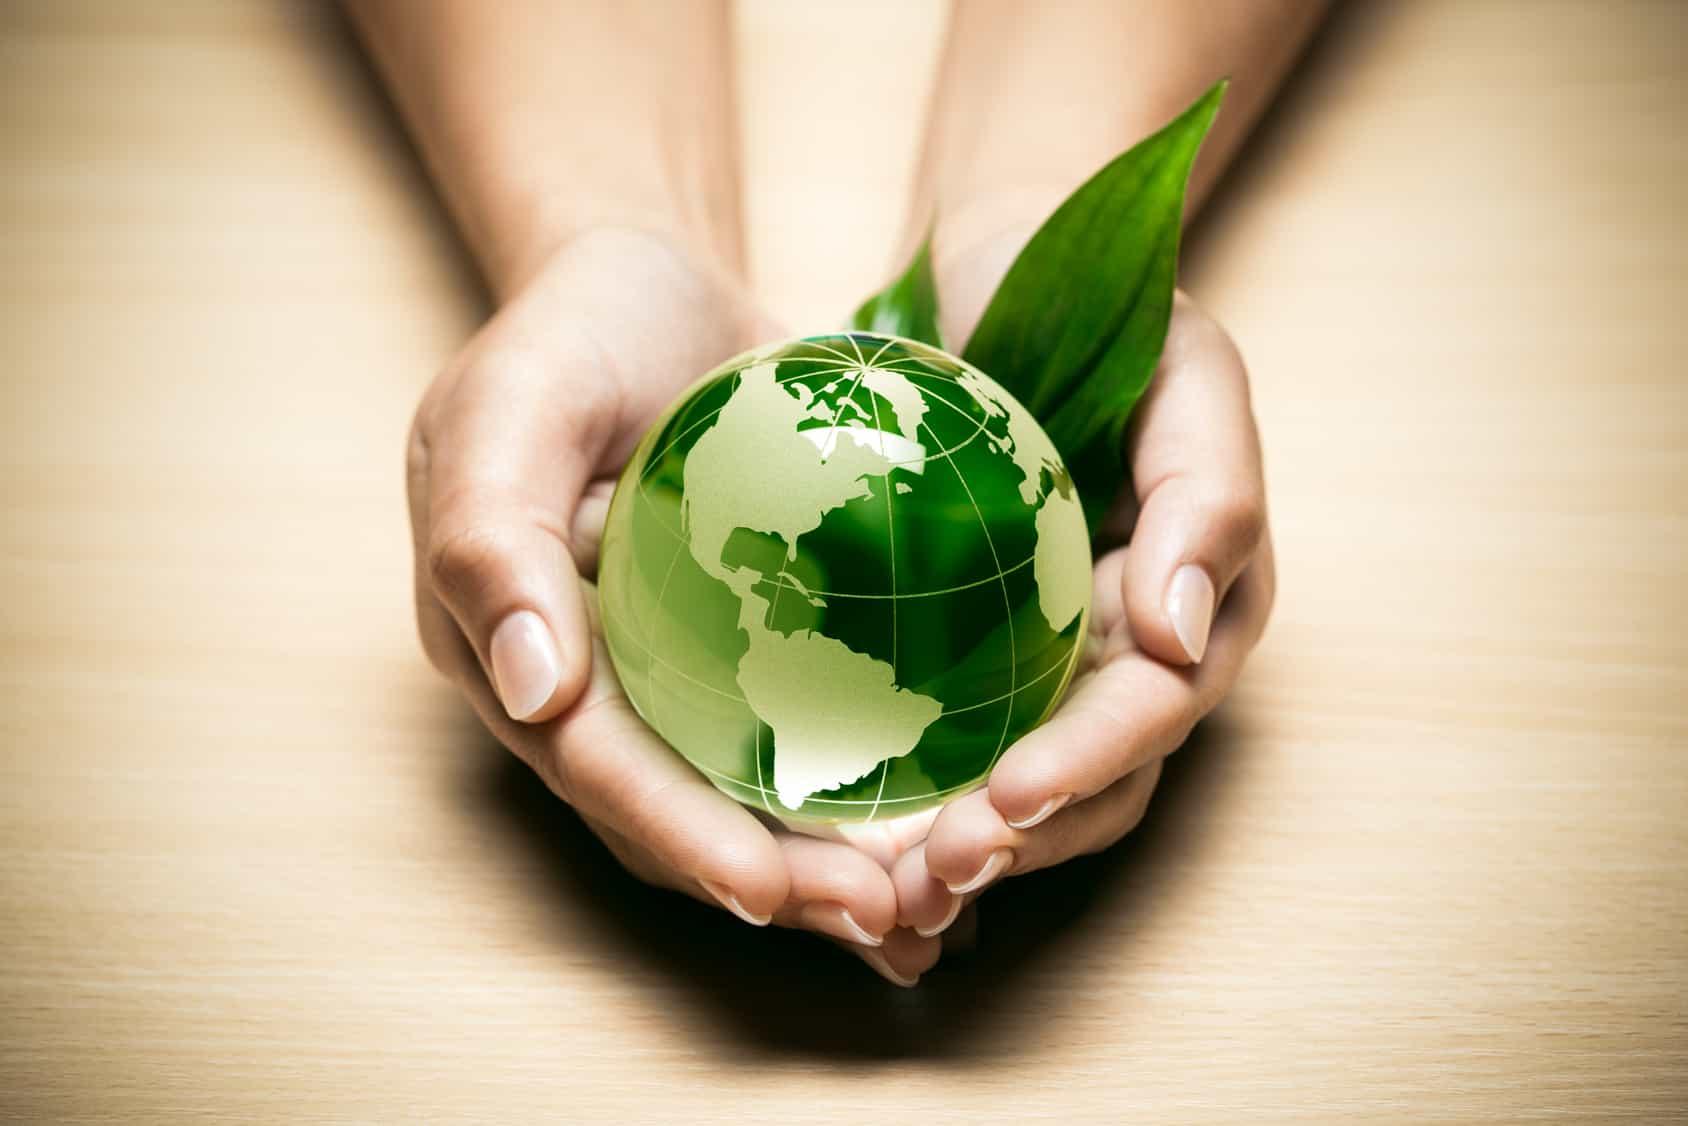 Zwei Hände halten eine grüne Erde.